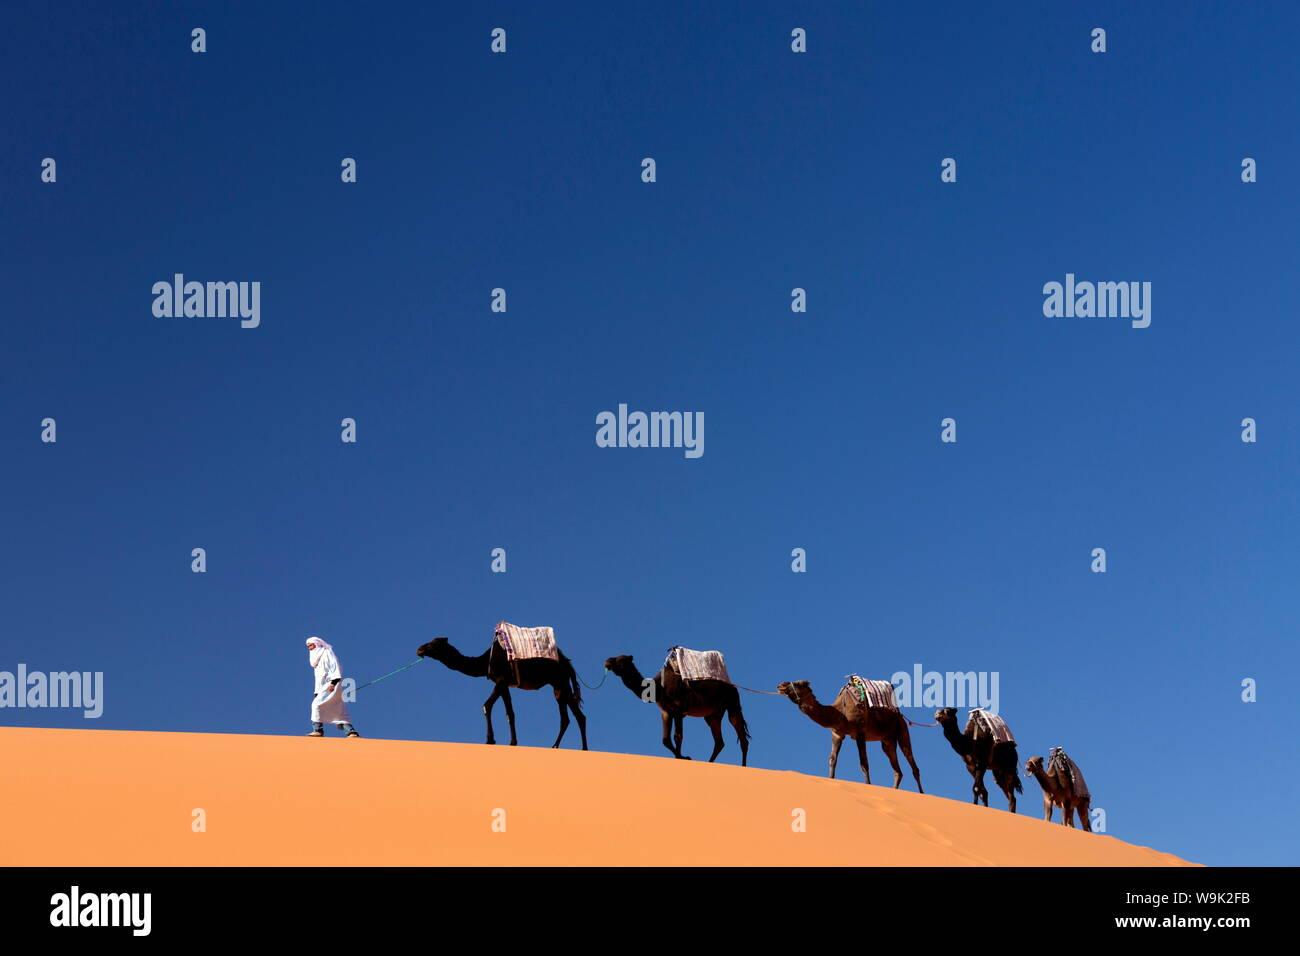 Berber l uomo alla guida di un treno di cammelli oltre le dune di sabbia arancione dell'Erg Chebbi mare di sabbia, Sahara Deserto vicino a Merzouga, Marocco, Africa Settentrionale, Africa Foto Stock